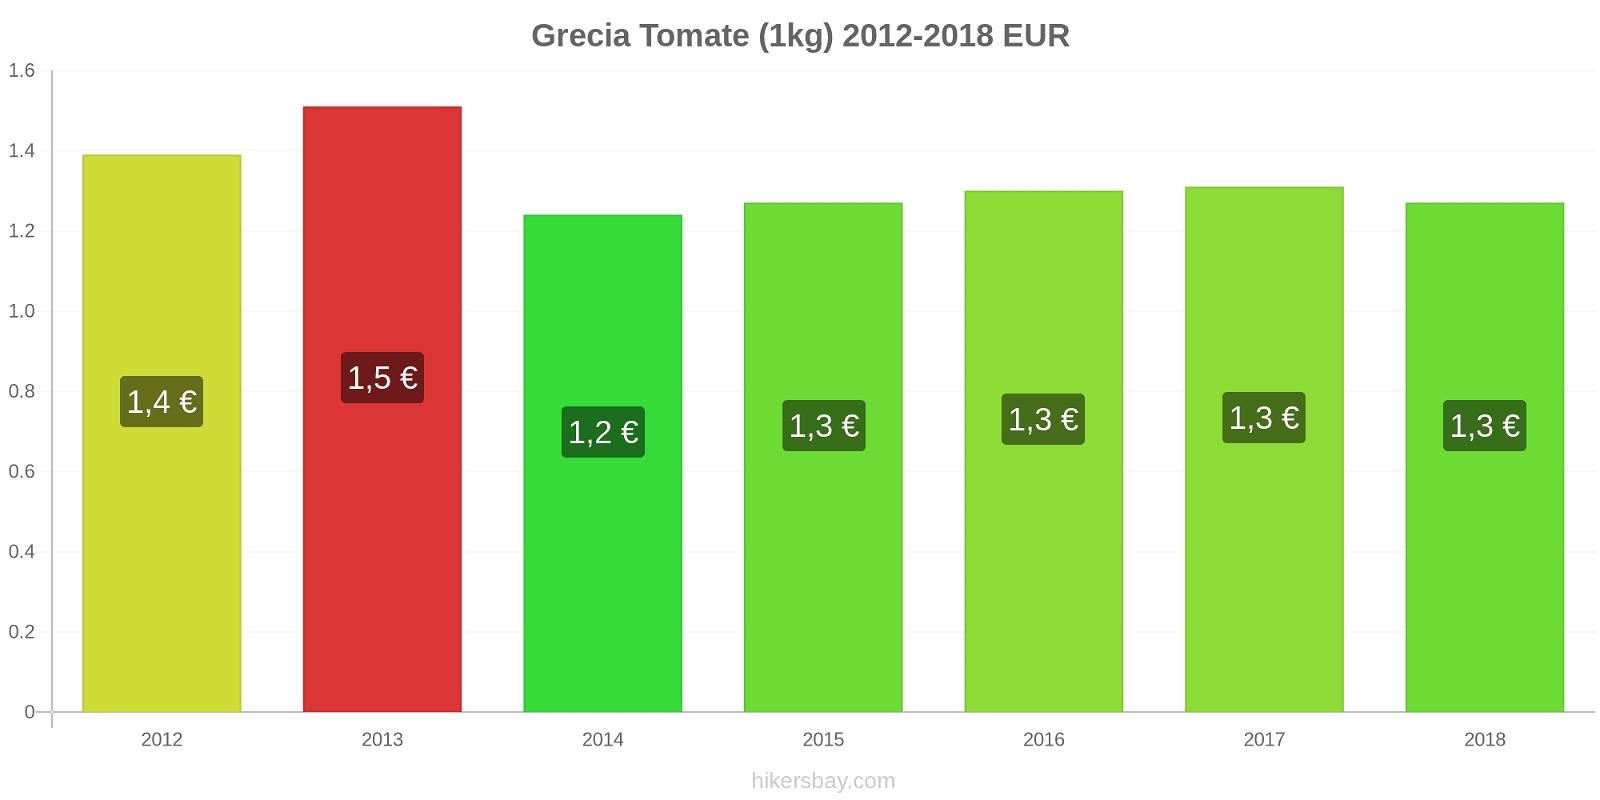 Grecia cambios de precios Tomate (1kg) hikersbay.com